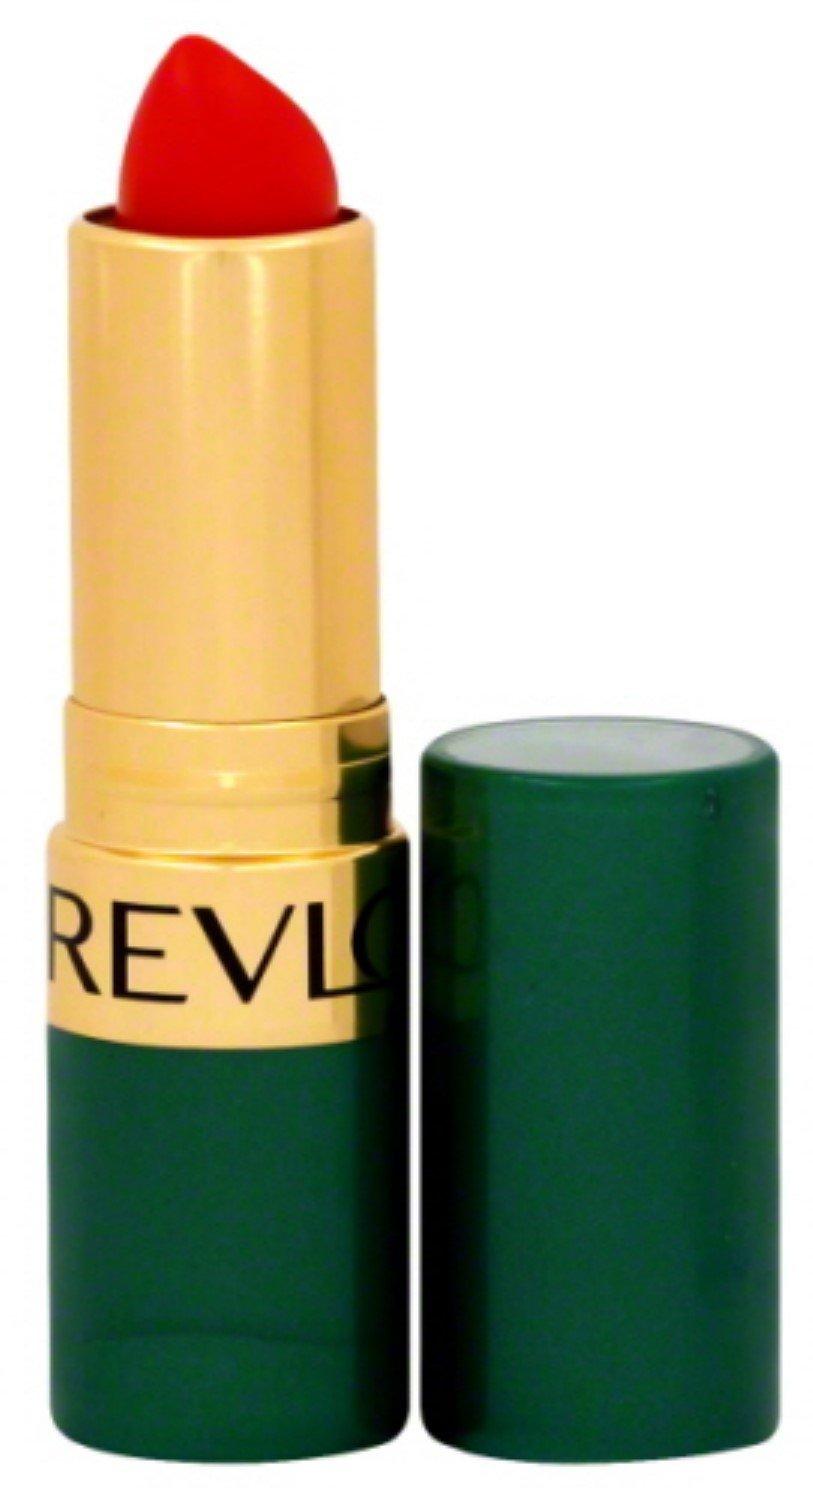 Revlon Orange Flip Amazon.com : Revlon Mo...